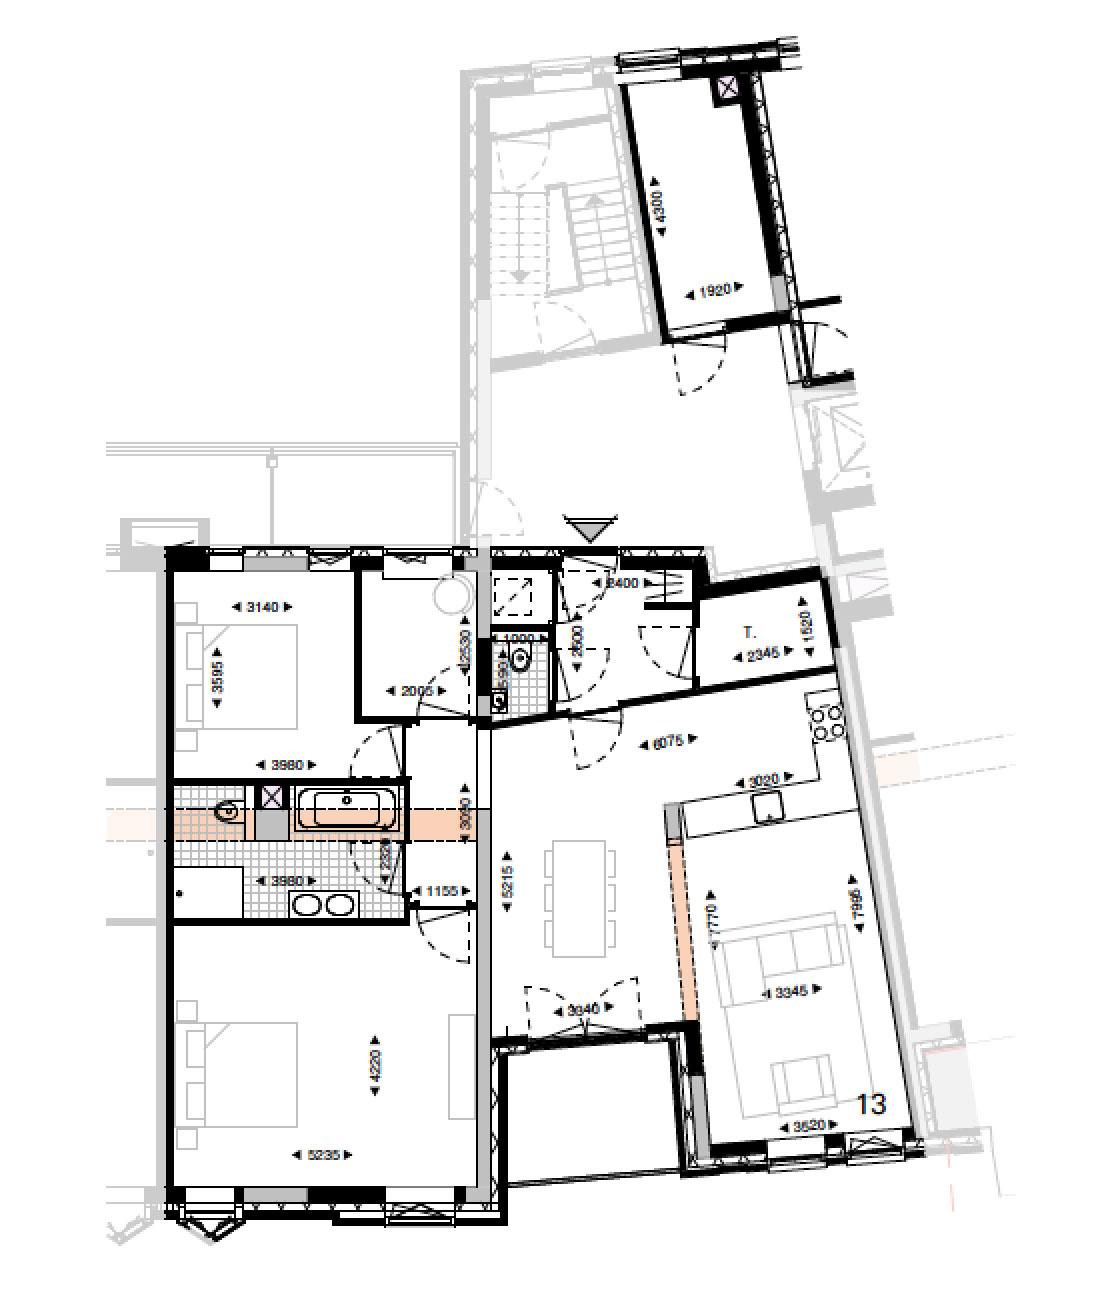 Loft nr 13 in - Loft26 Grave koopwoning